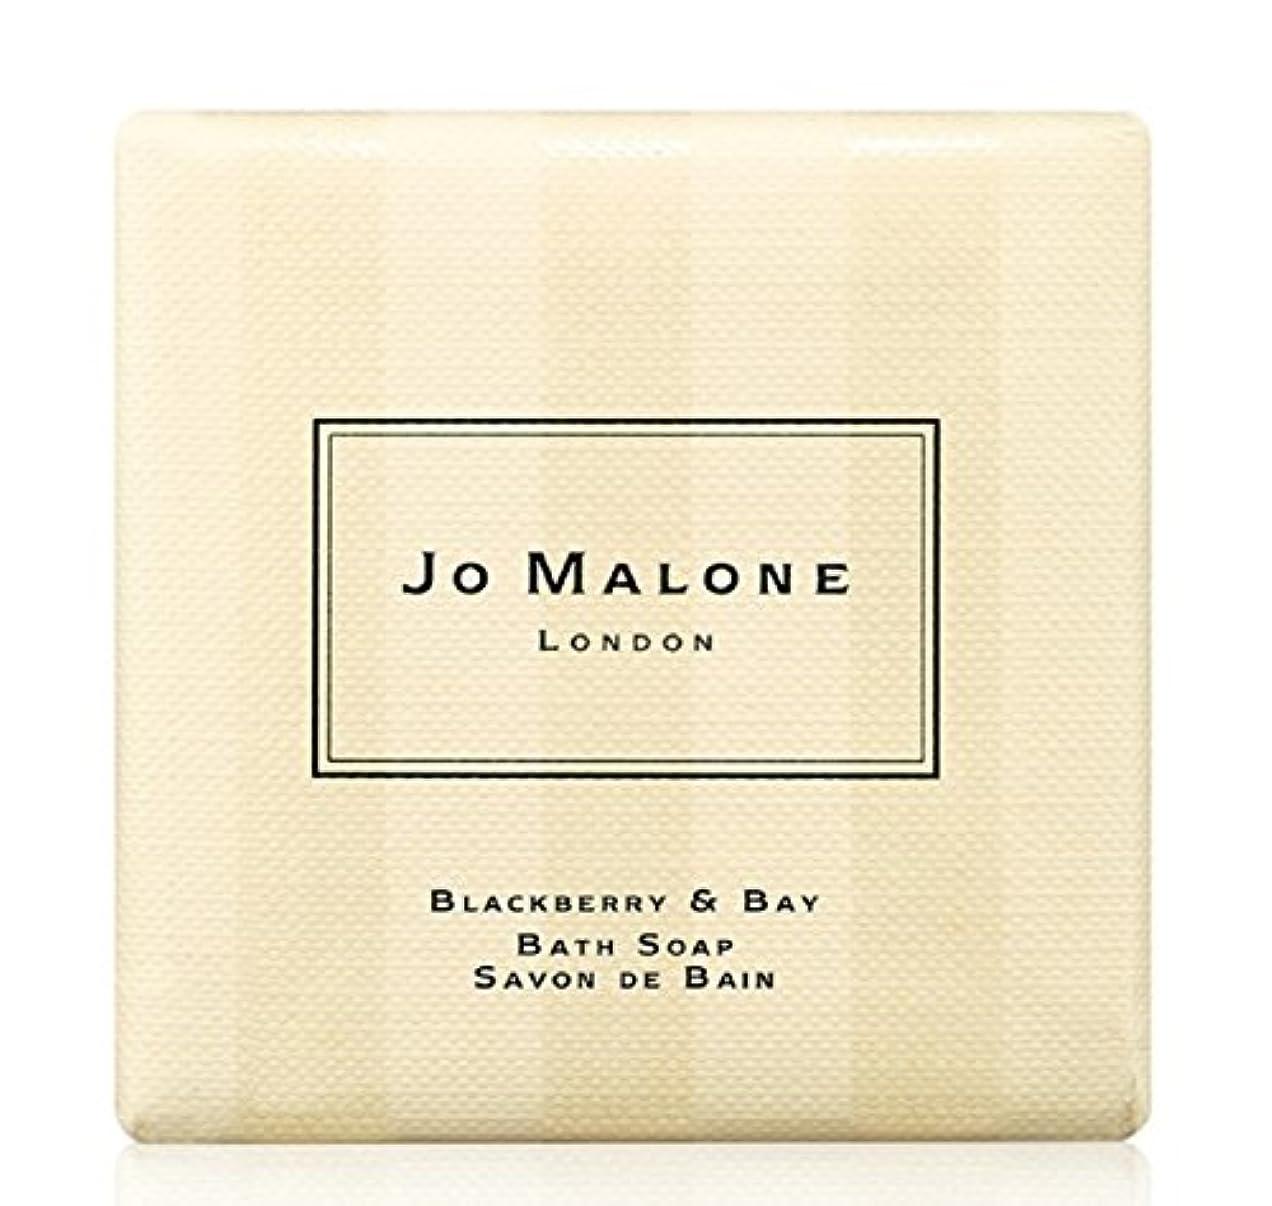 シガレットアシスト化石ジョーマローン ブラックベリー&ベイ バス ソープ 石鹸 100 g